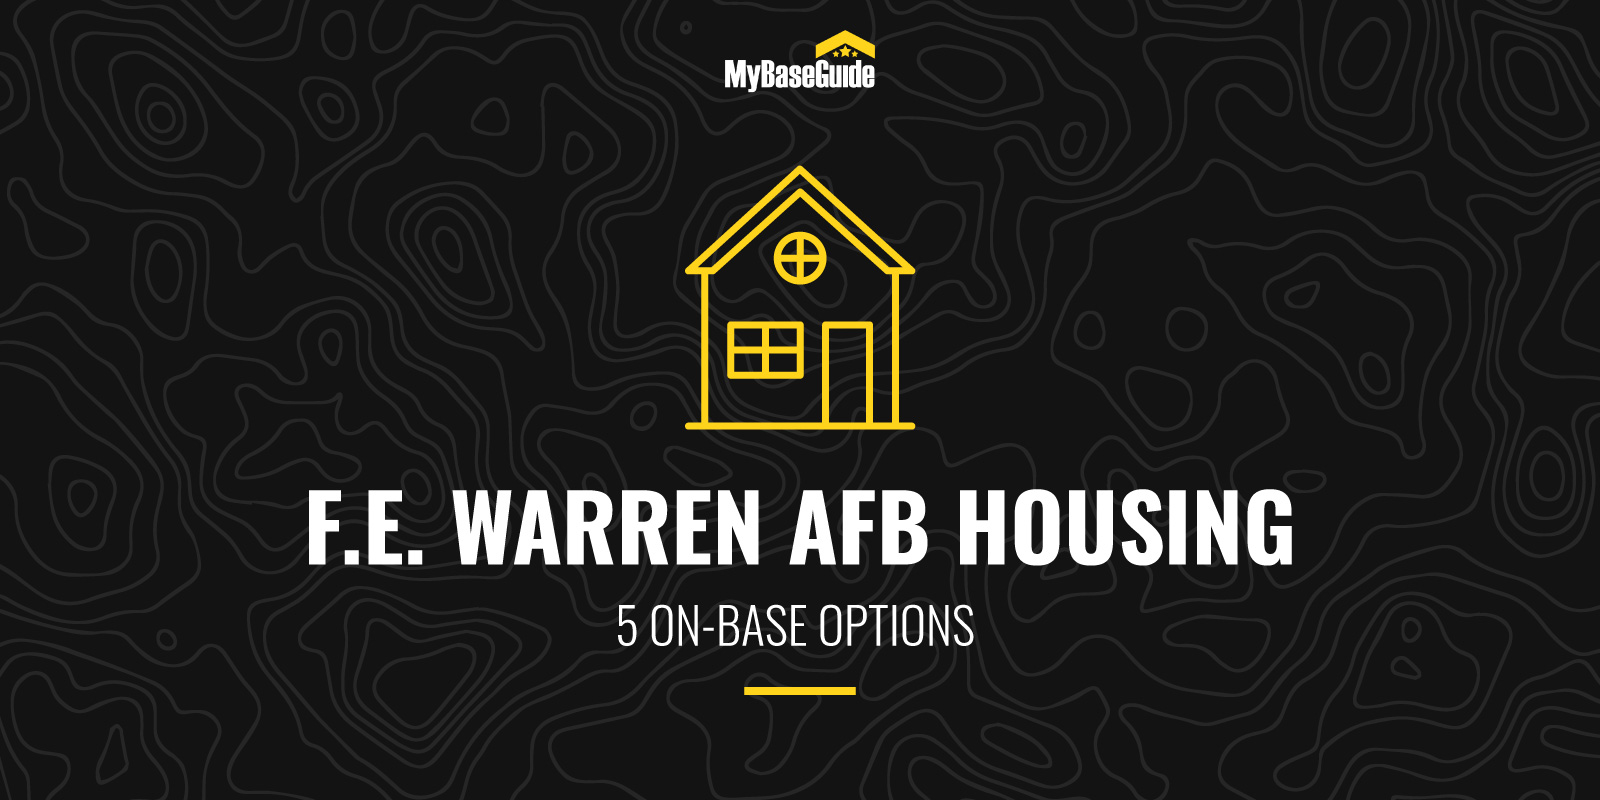 F.E. Warren AFB Housing: 5 On-Base Options